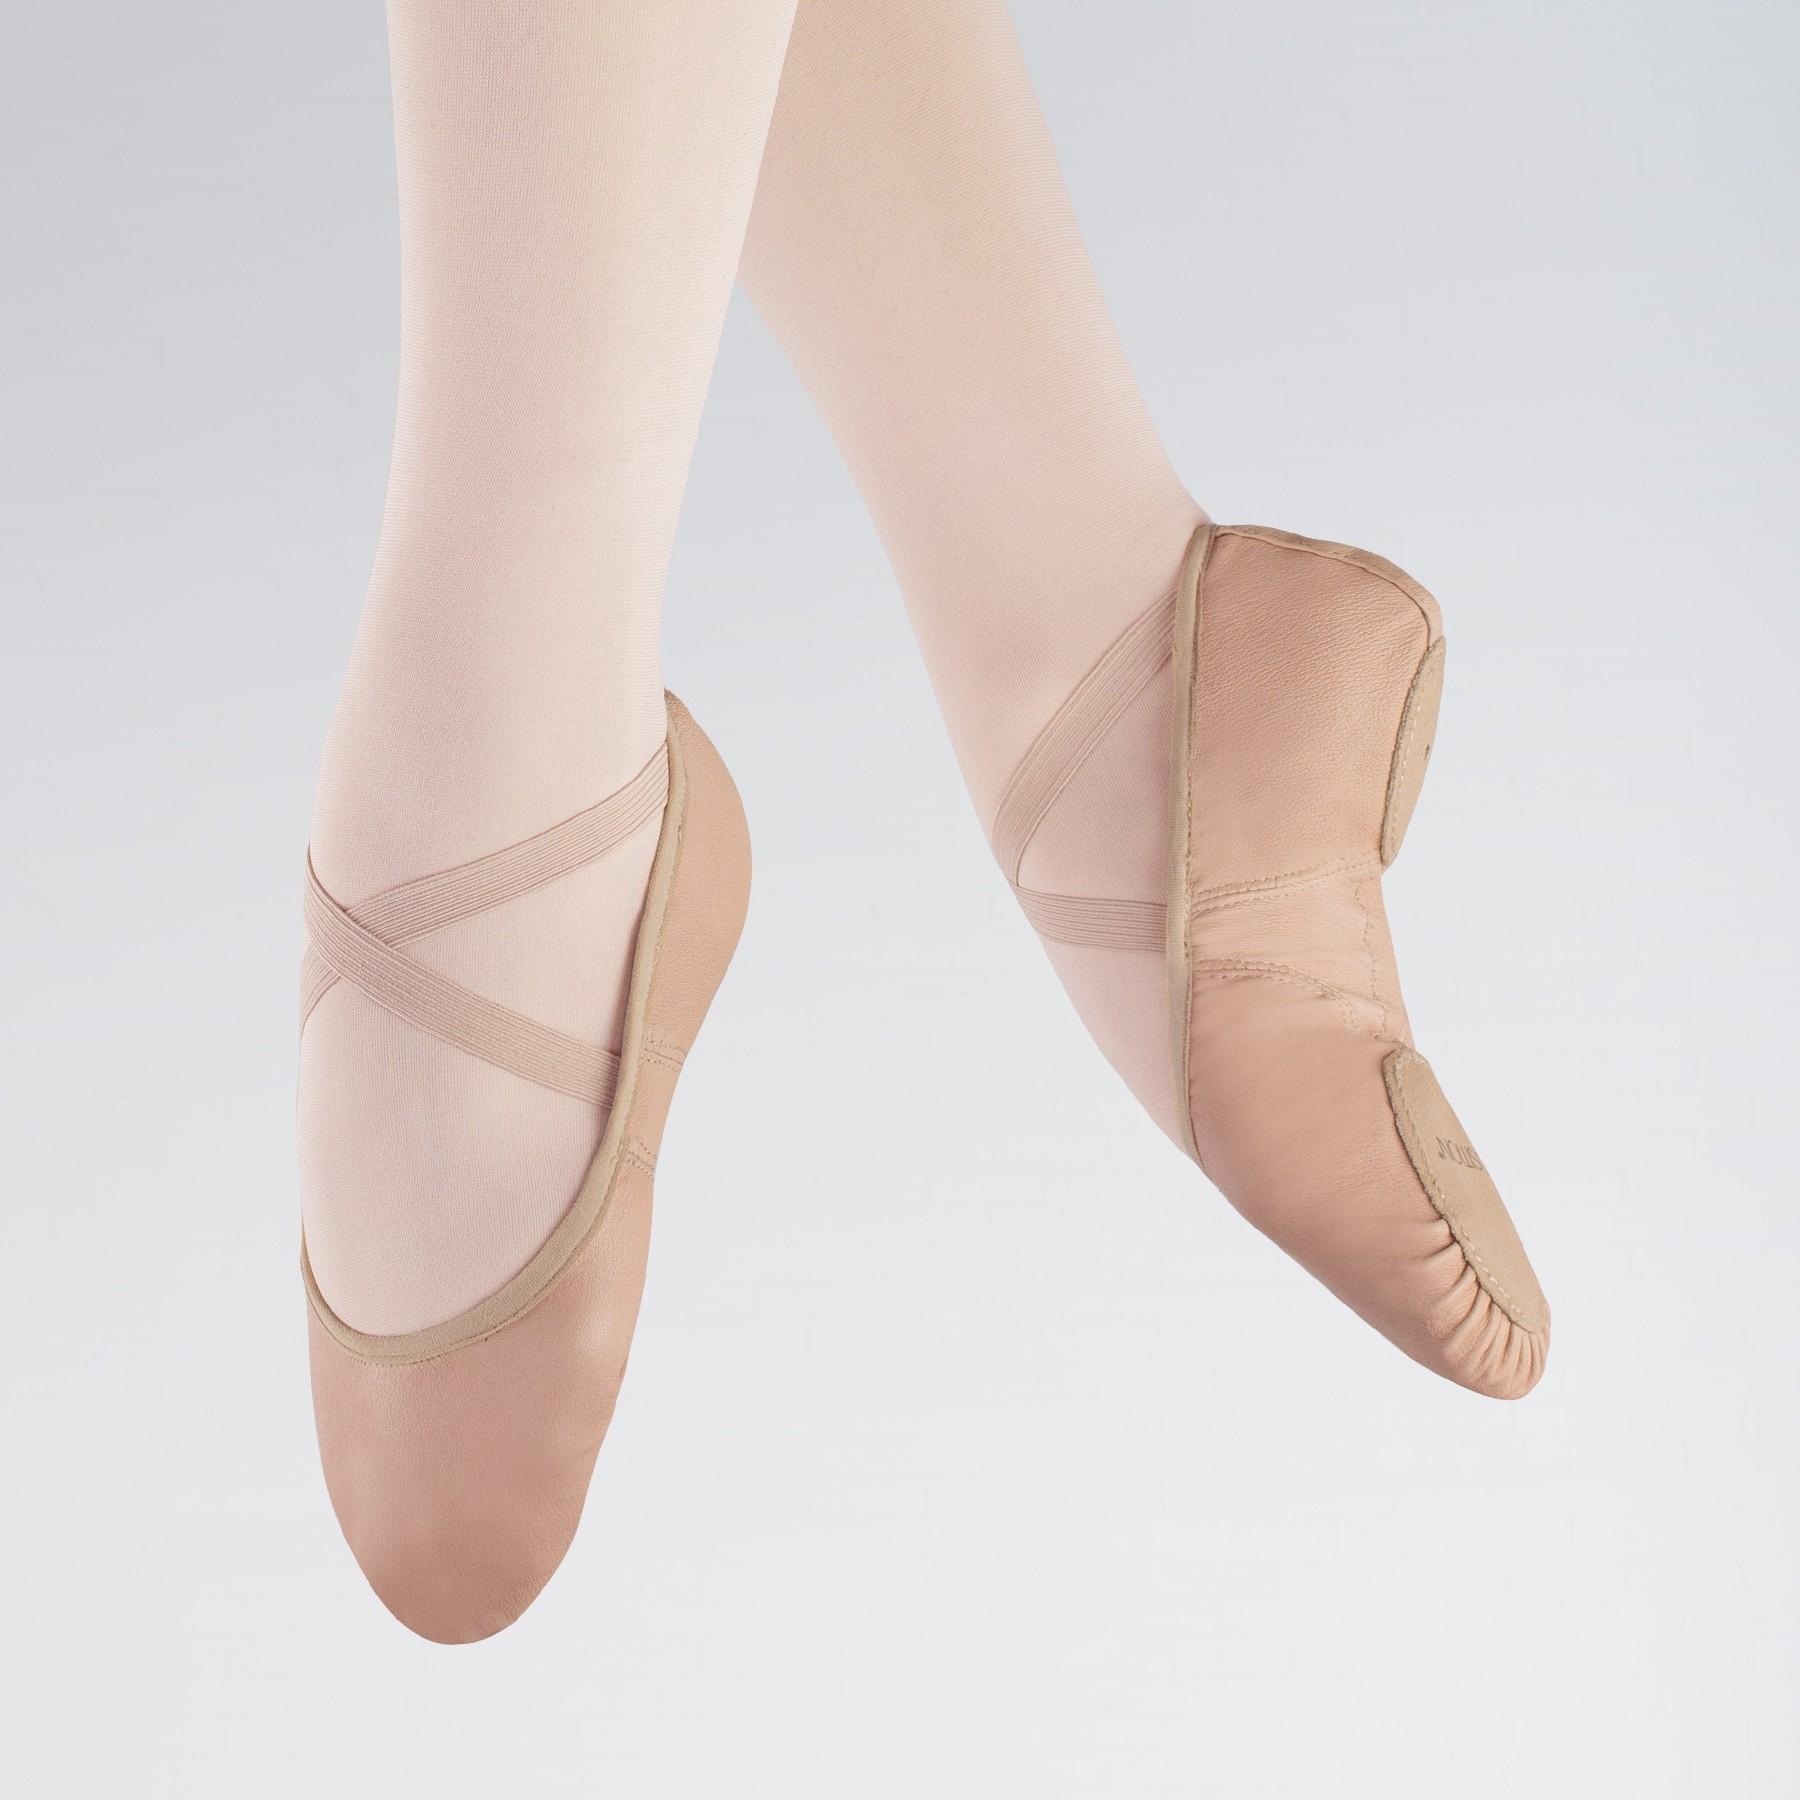 1st Position Ballettschuhe aus dehnbarem Leder in Rosa